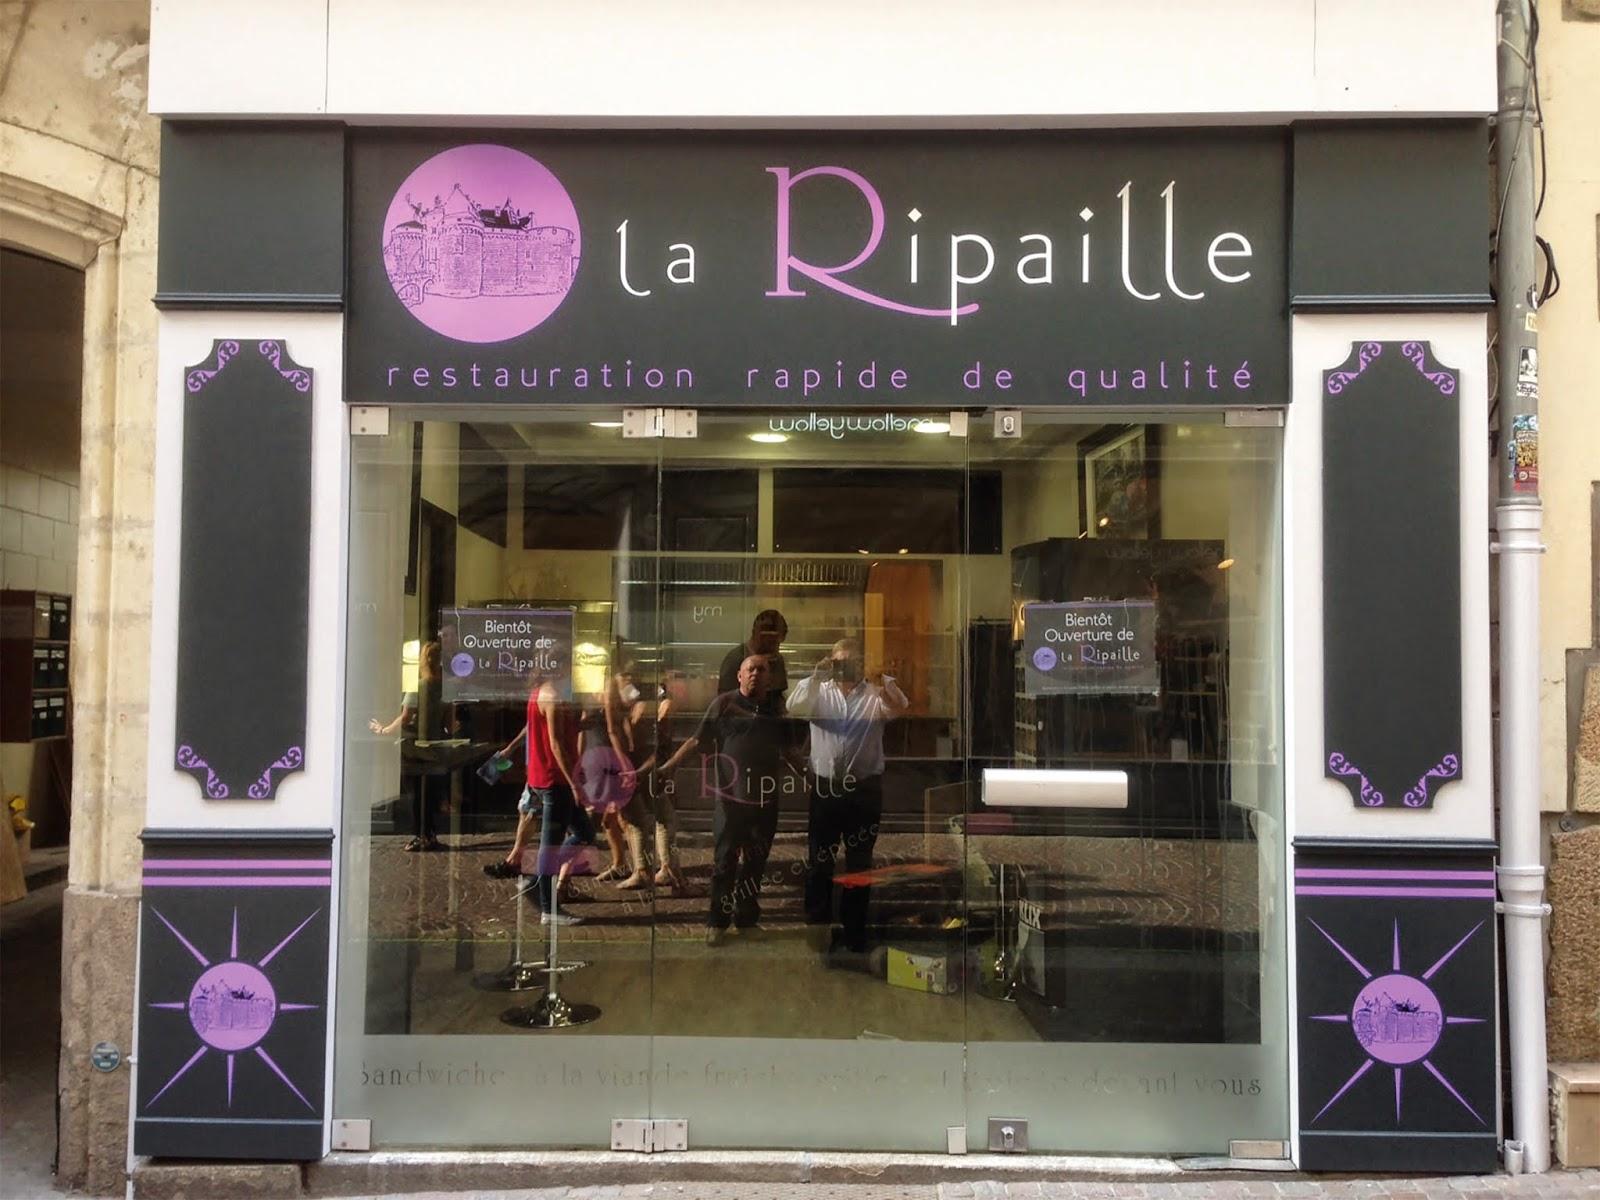 Création par Label communication de la vitrine de la Sandwicherie pour une restauration rapide de qualité sur Nantes